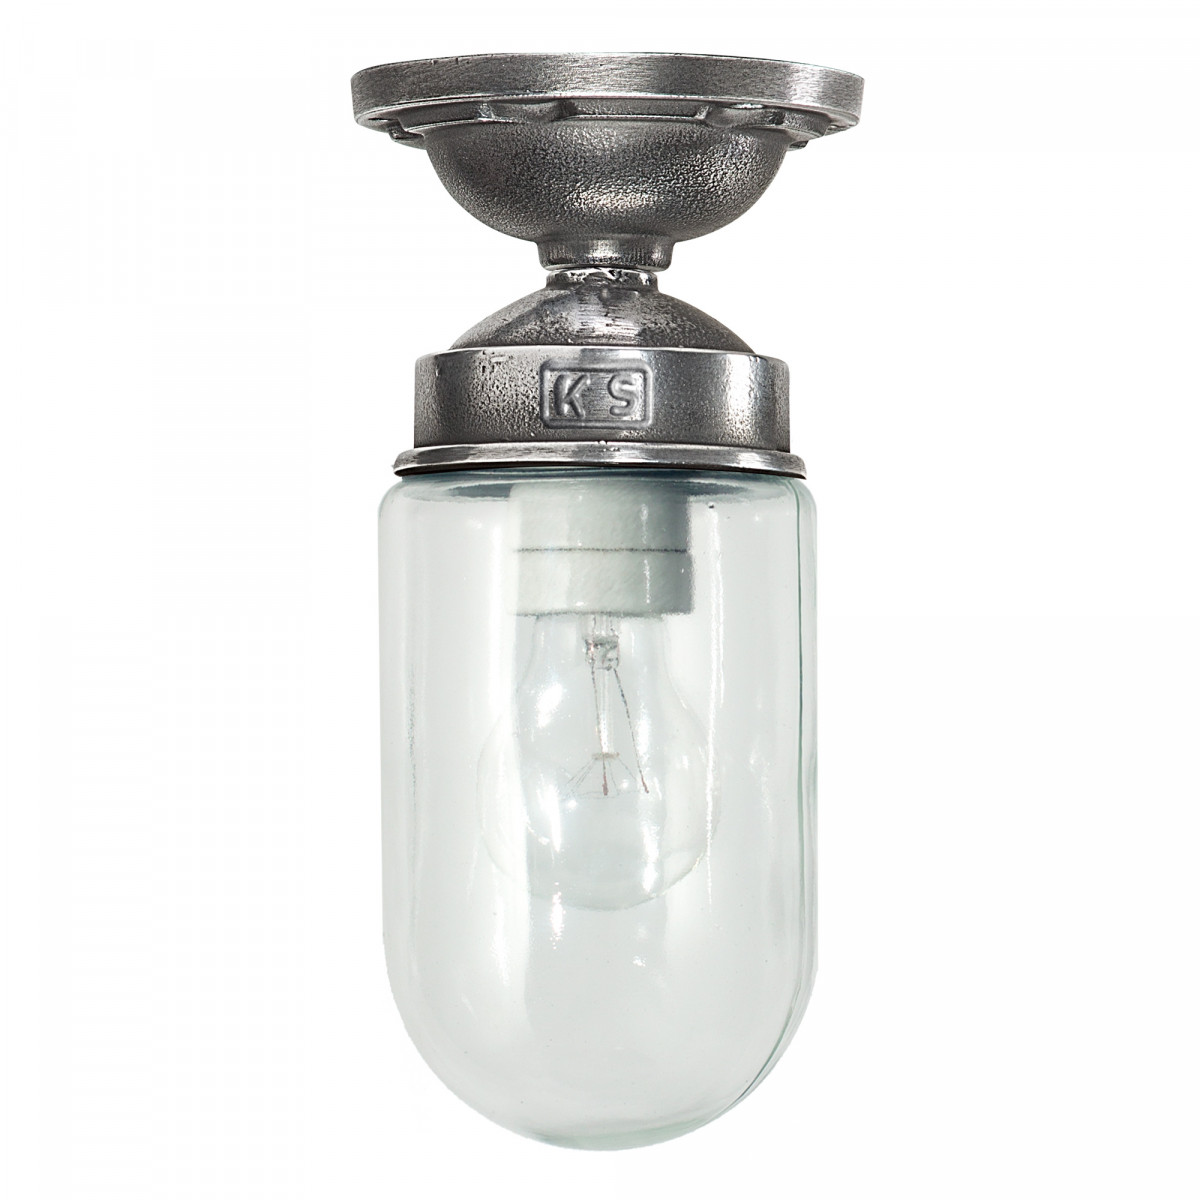 Wandlamp industrieel One-Eighty